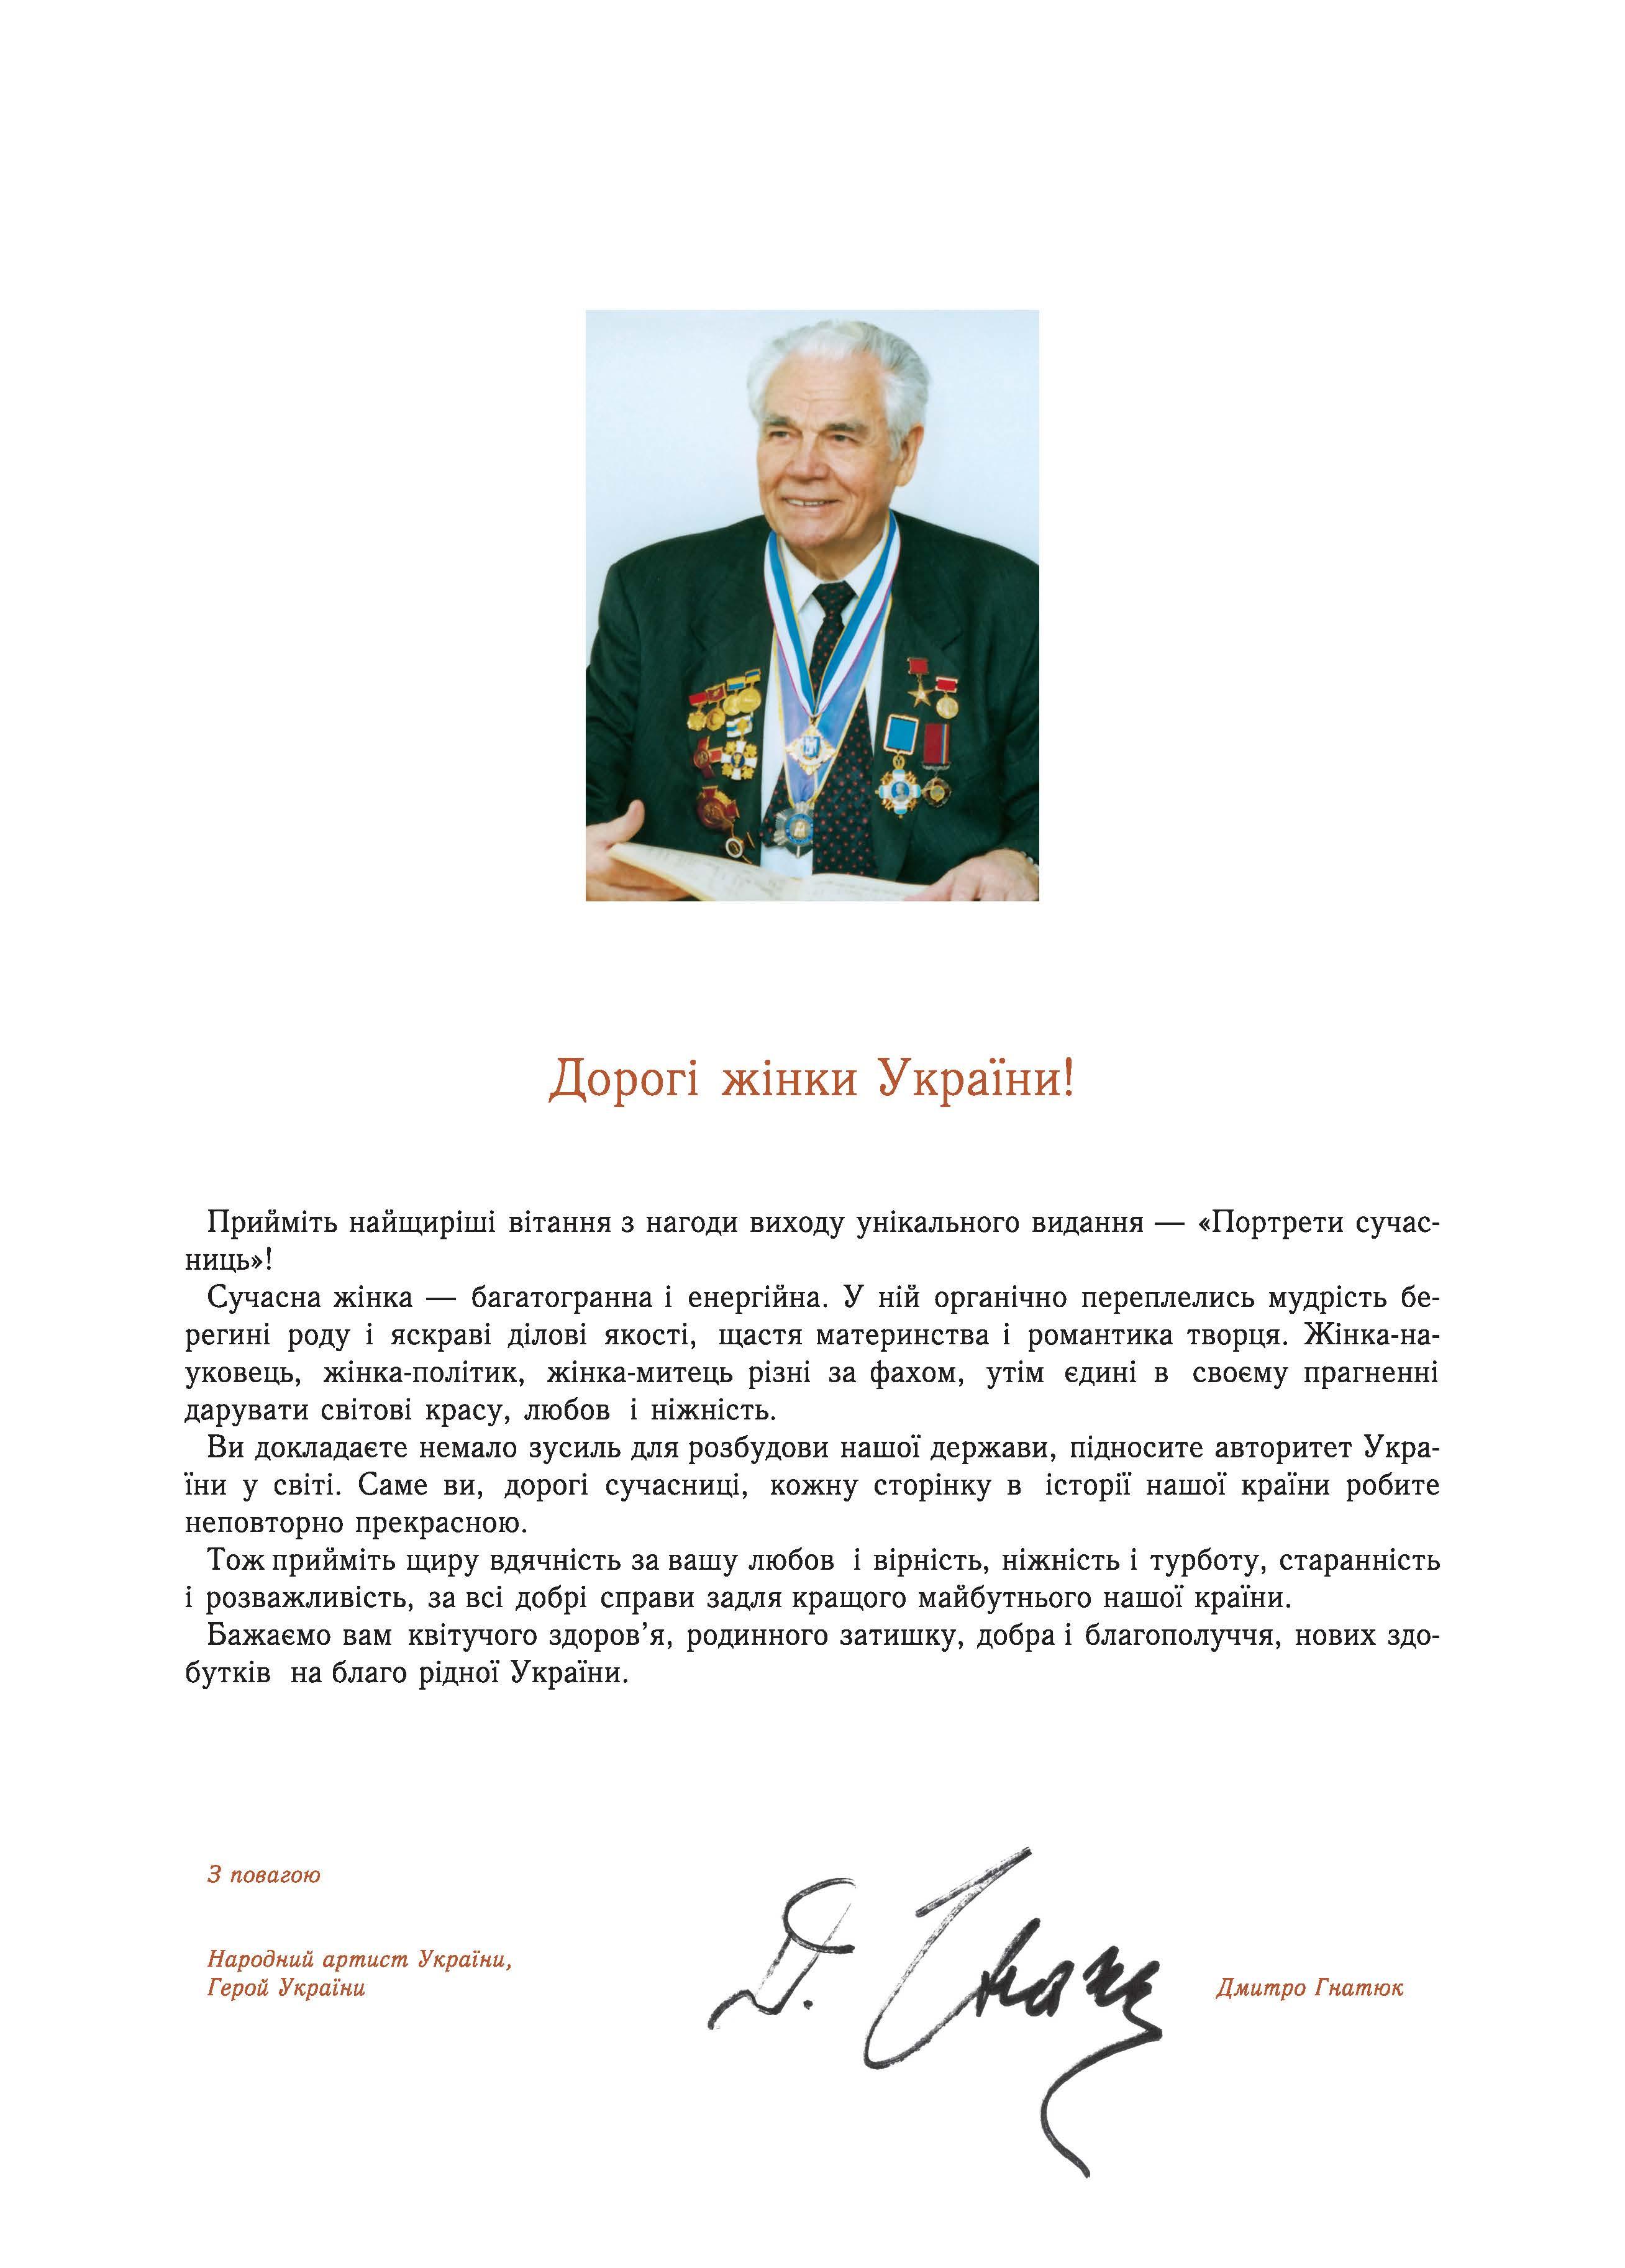 Звернення до читачів Гнатюка Дмитра Михайловича - народного артиста України